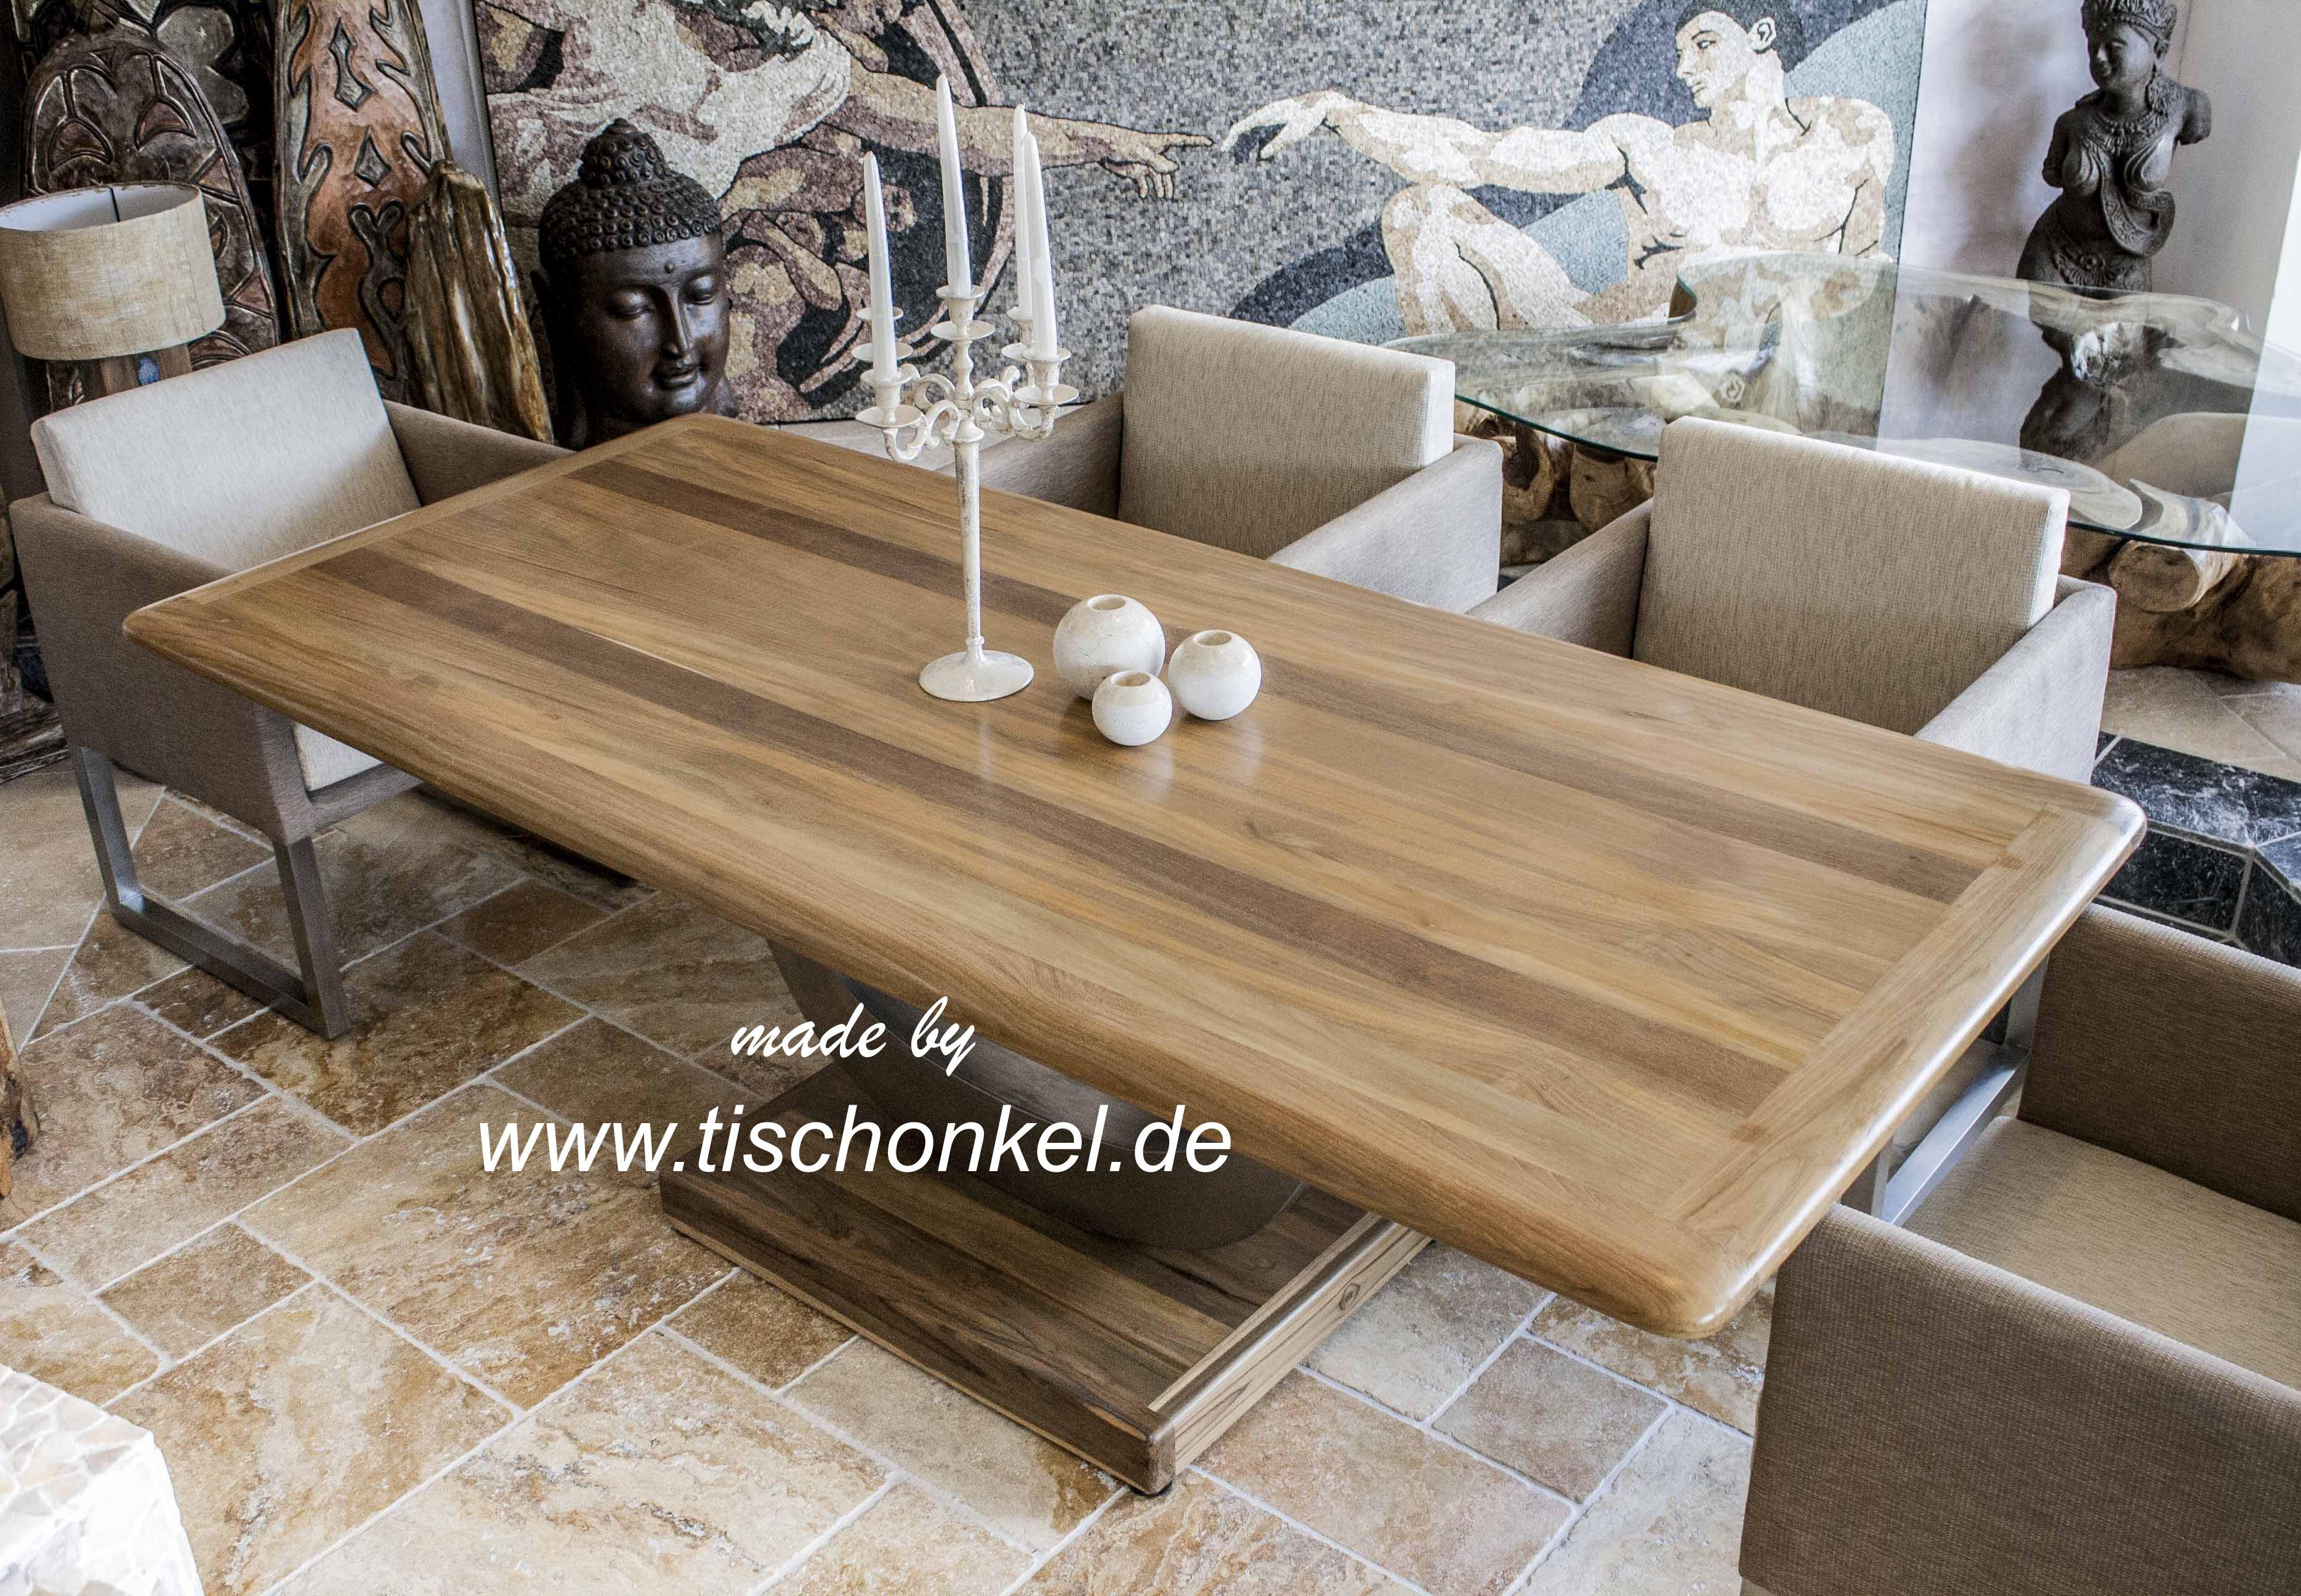 Esstisch Lychee ~ Designtisch Esstisch mit Gestell aus Edelstahl  Der Tischonkel